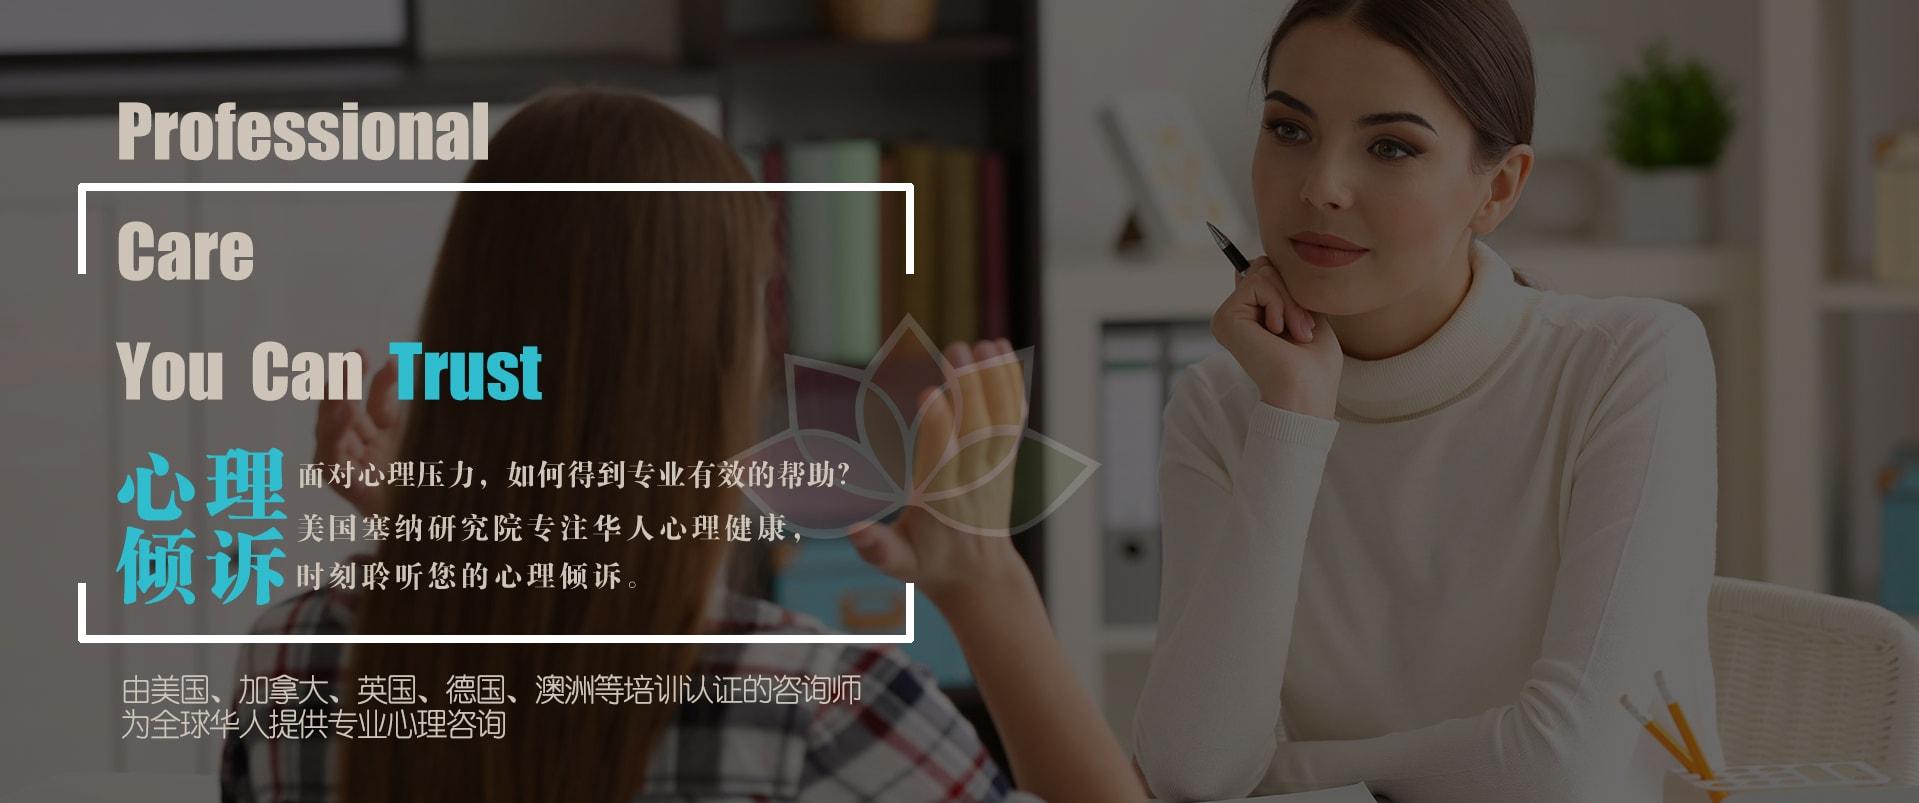 欢迎访问塞纳心理倾诉——全球华人心理咨询平台